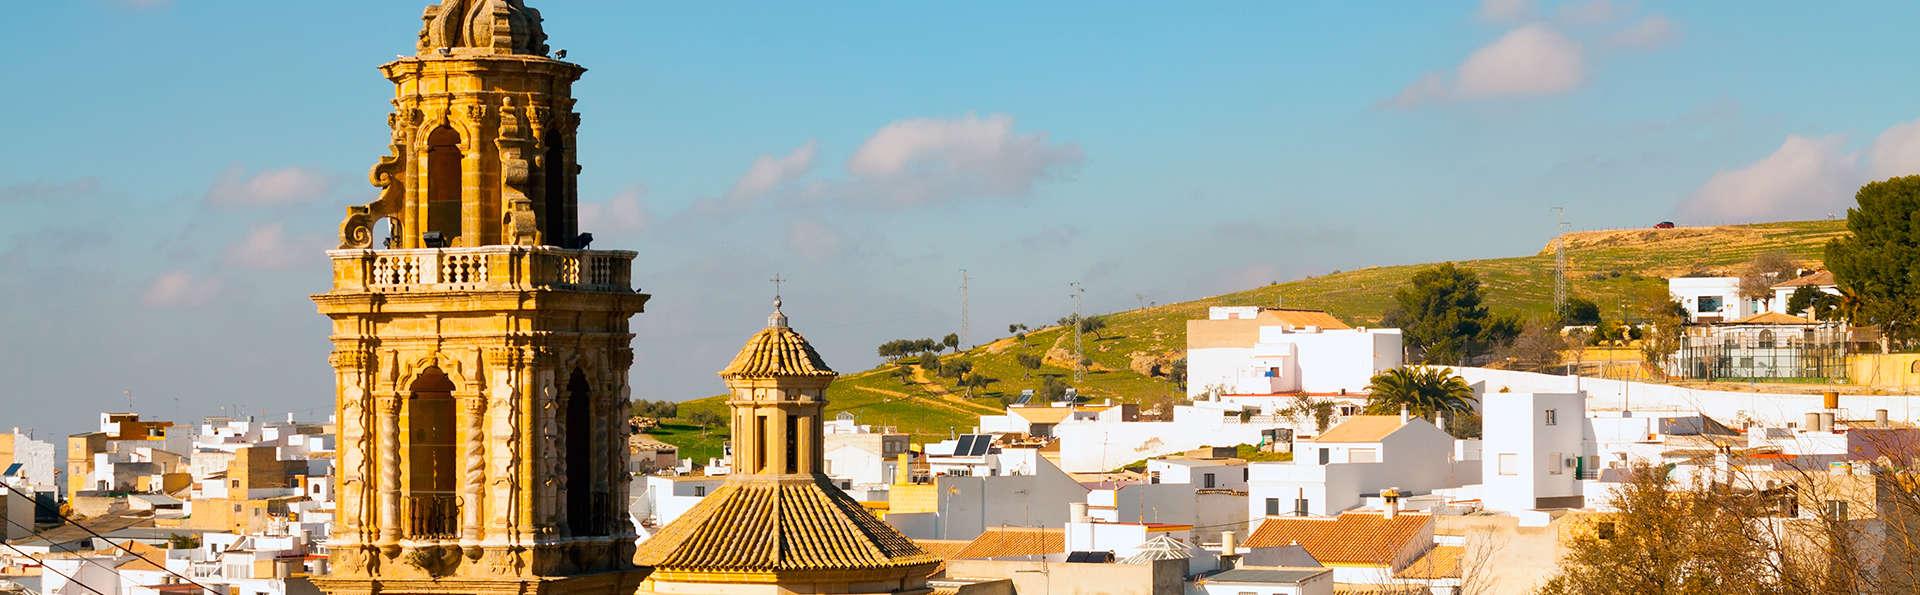 Tradición y solera en Osuna, en el corazón andaluz